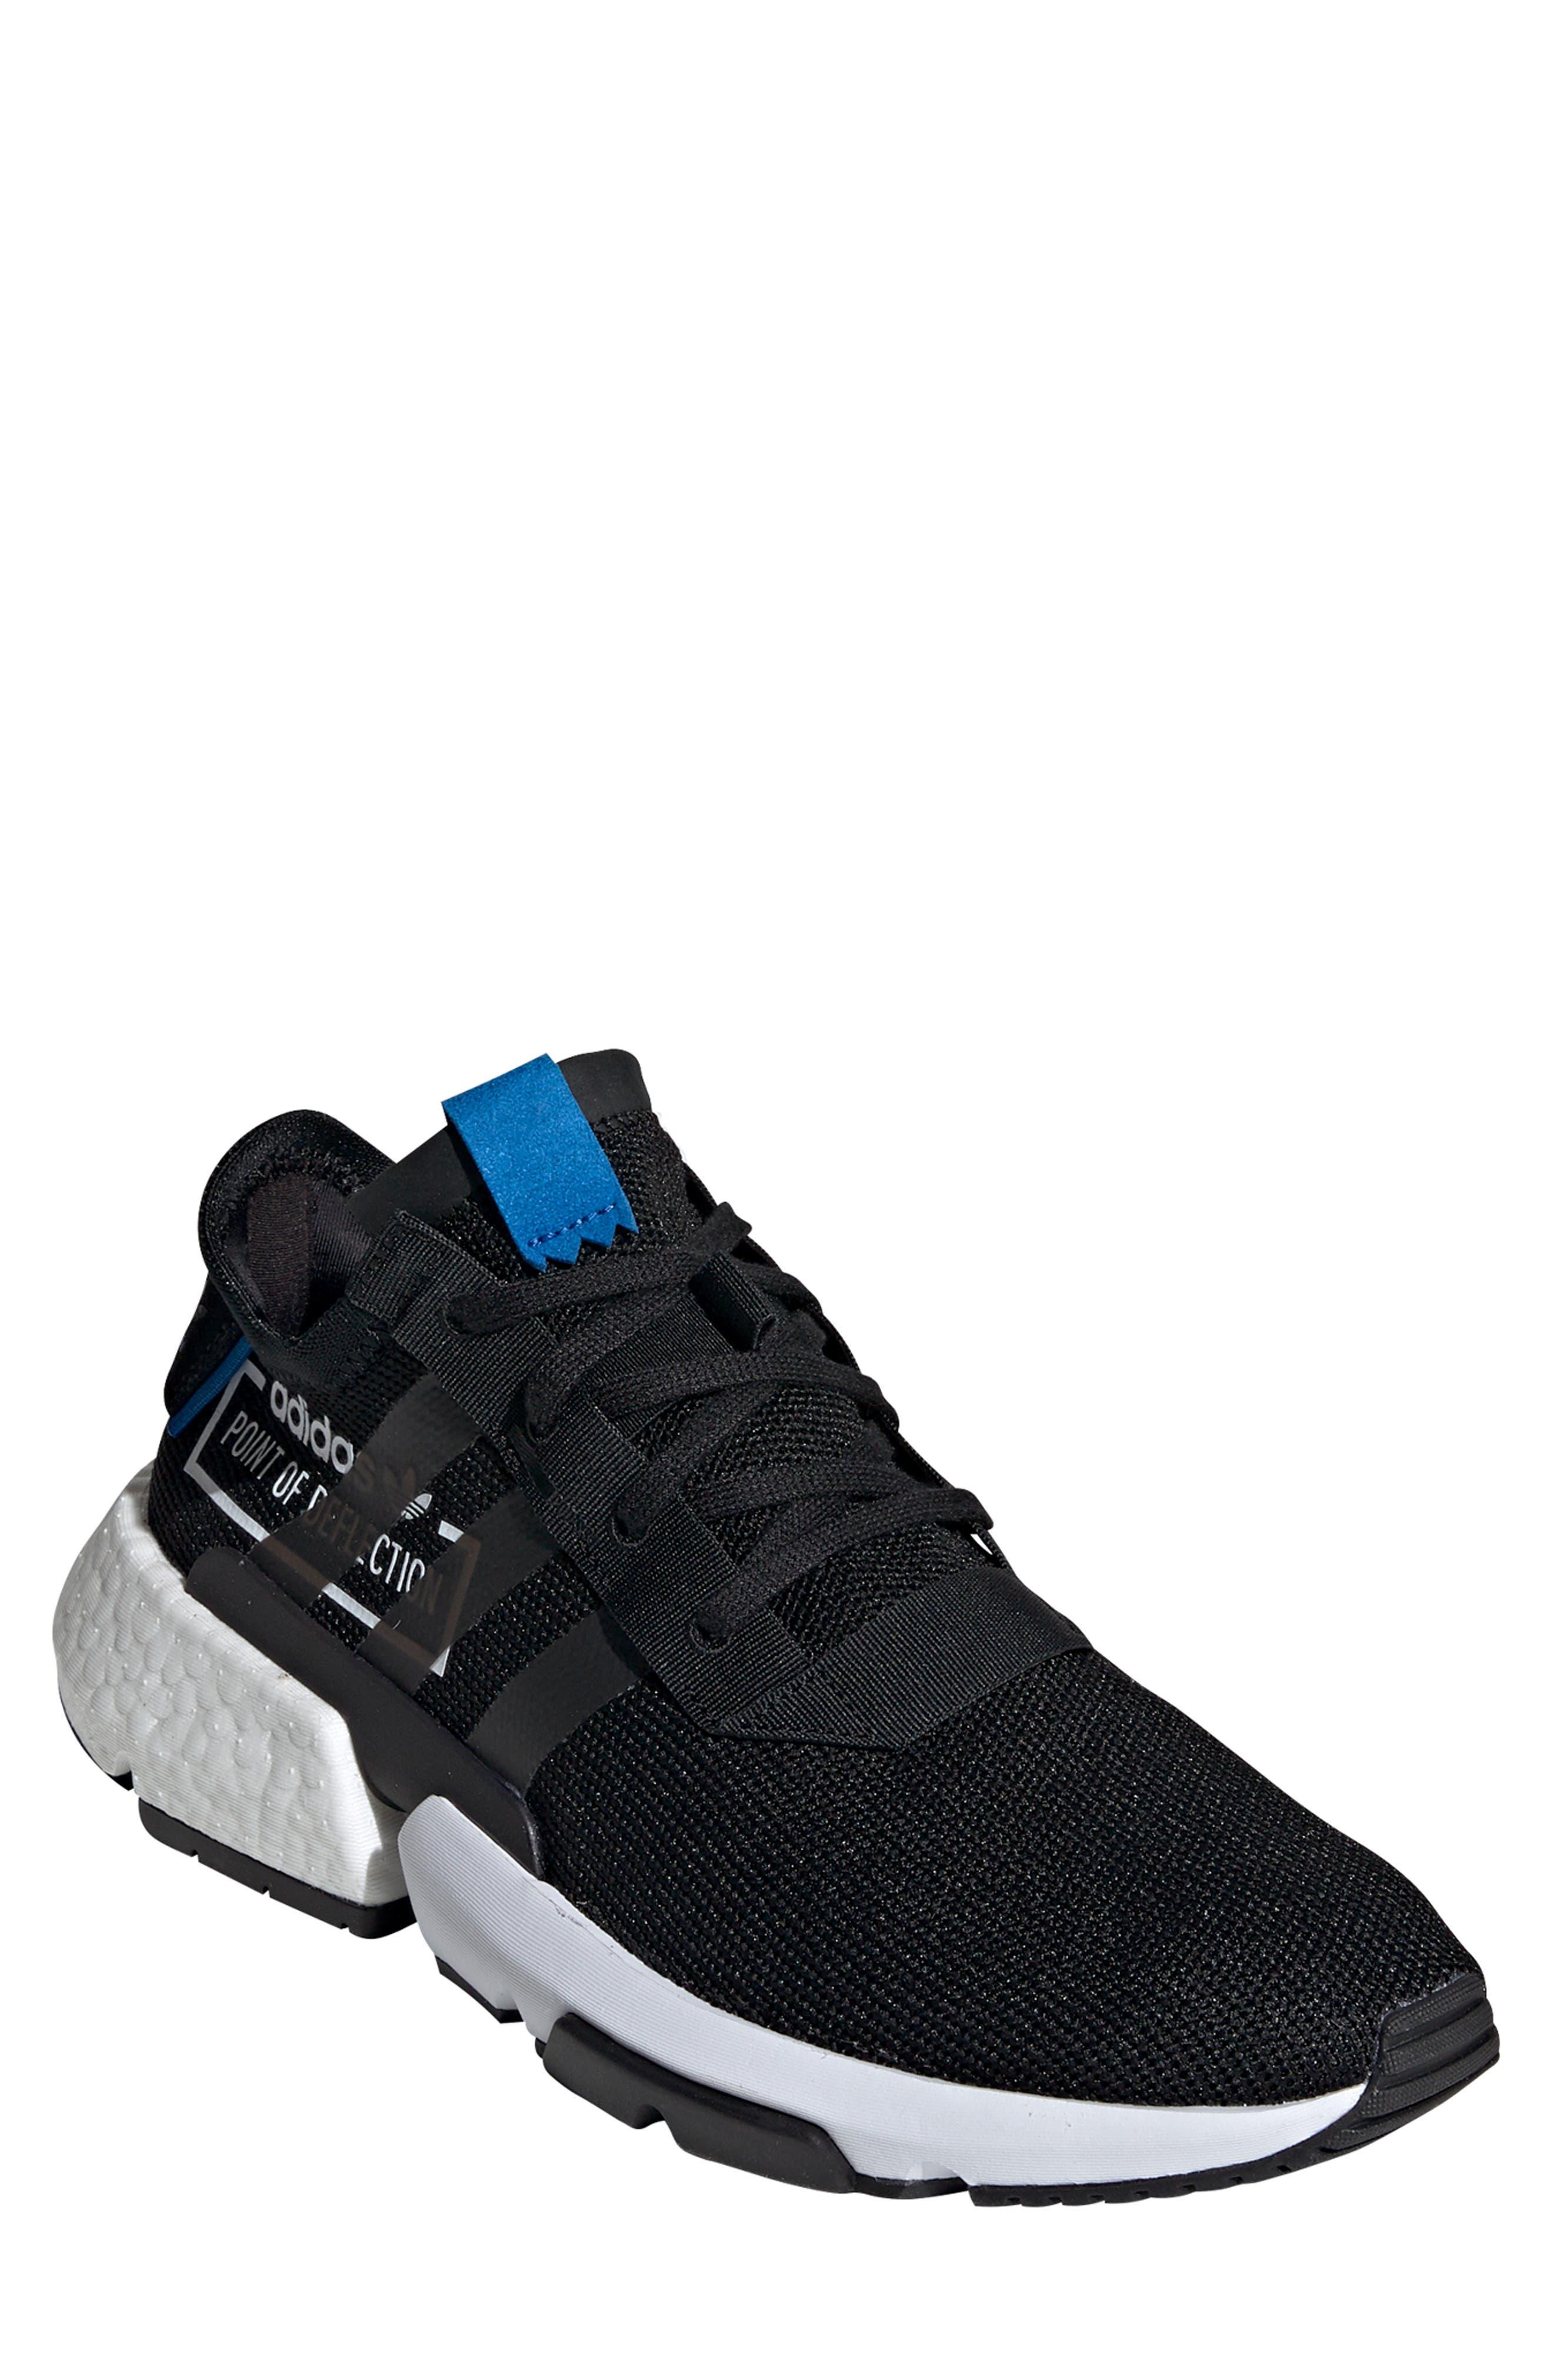 23359dd5e61e3 Men s Adidas P.o.d.s3.1 Sneaker